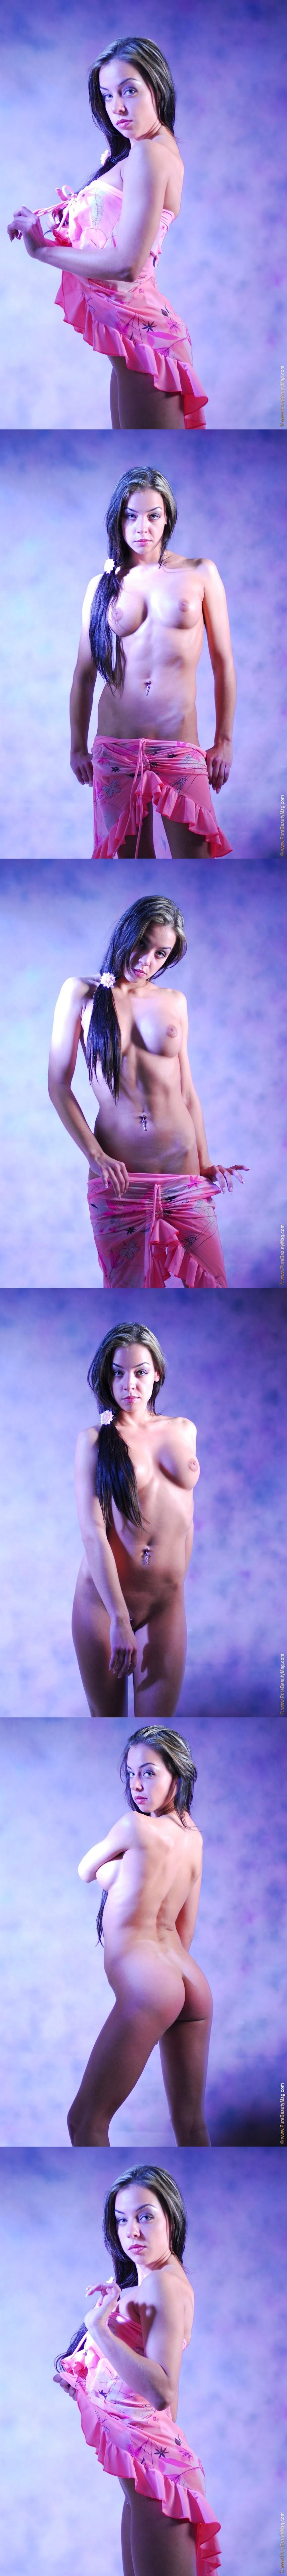 PureBeautyMag PBM  - 2006-03-08 - #s189917 - Helena O - Amore - 2560px